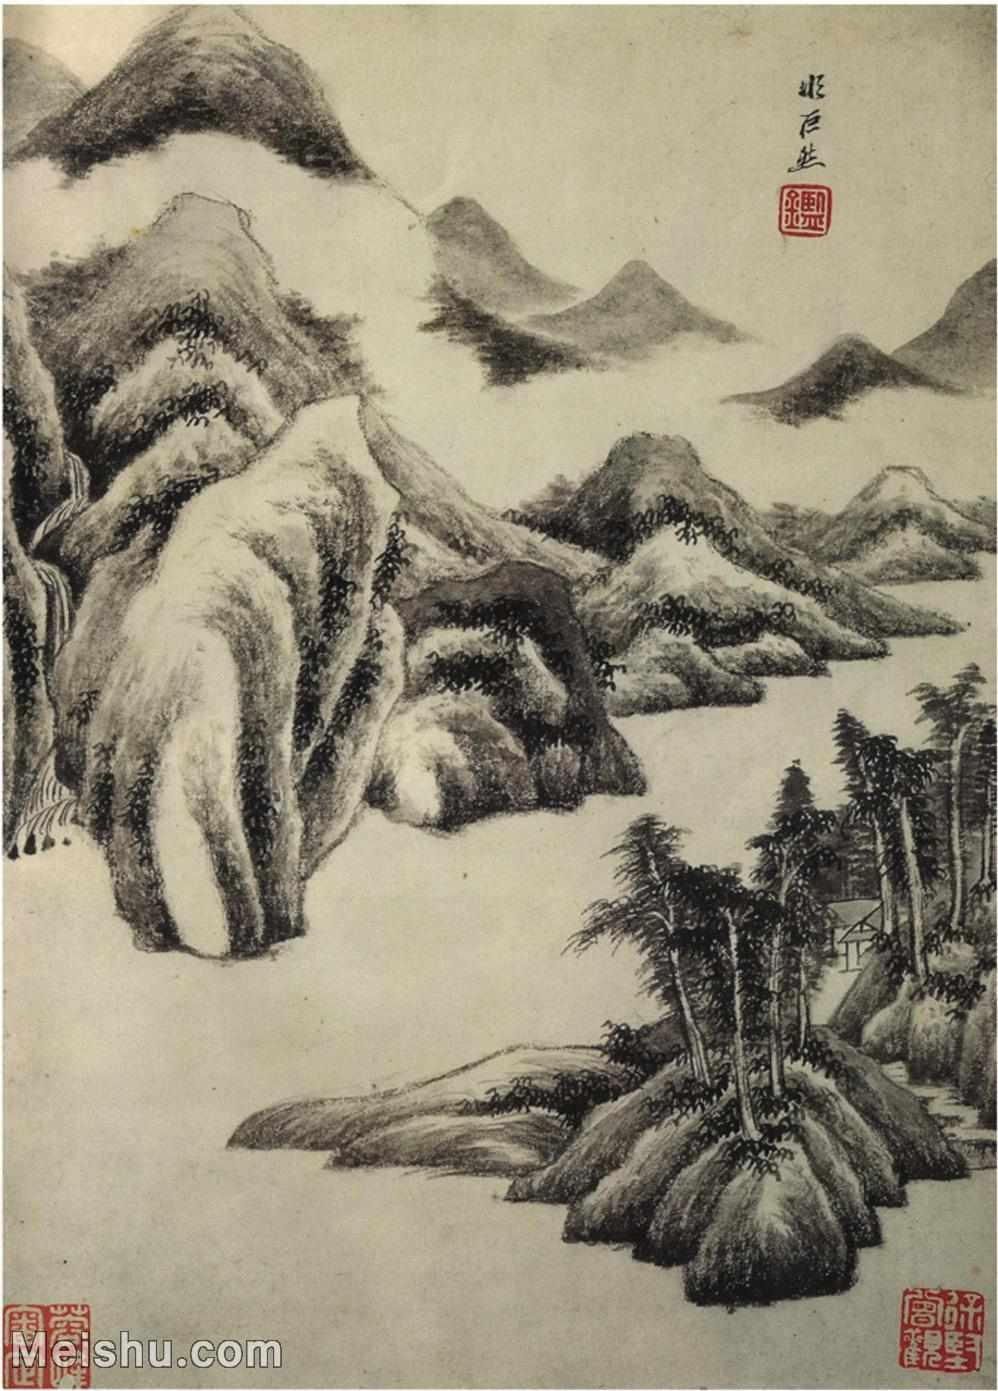 【印刷级】GH6060189古画仿古山水册页册页图片-30M-2786X3883_13038641.jpg